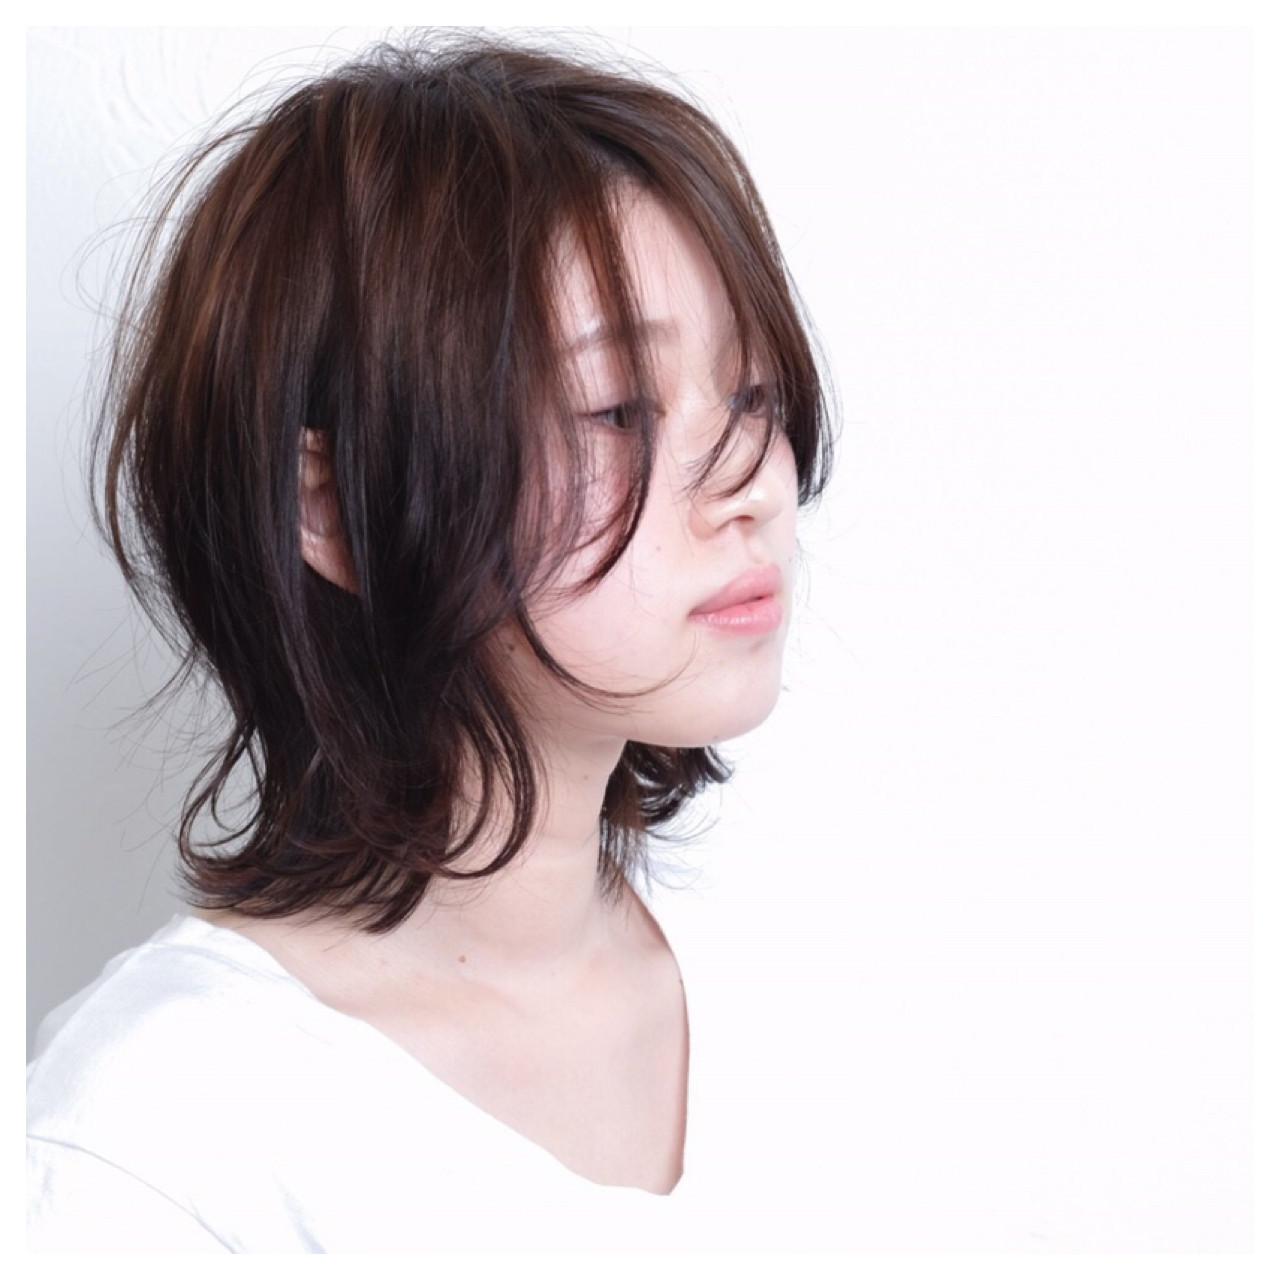 伸ばしかけでもアンニュイウェーブならこんなに可愛い Emiko Nakanishi